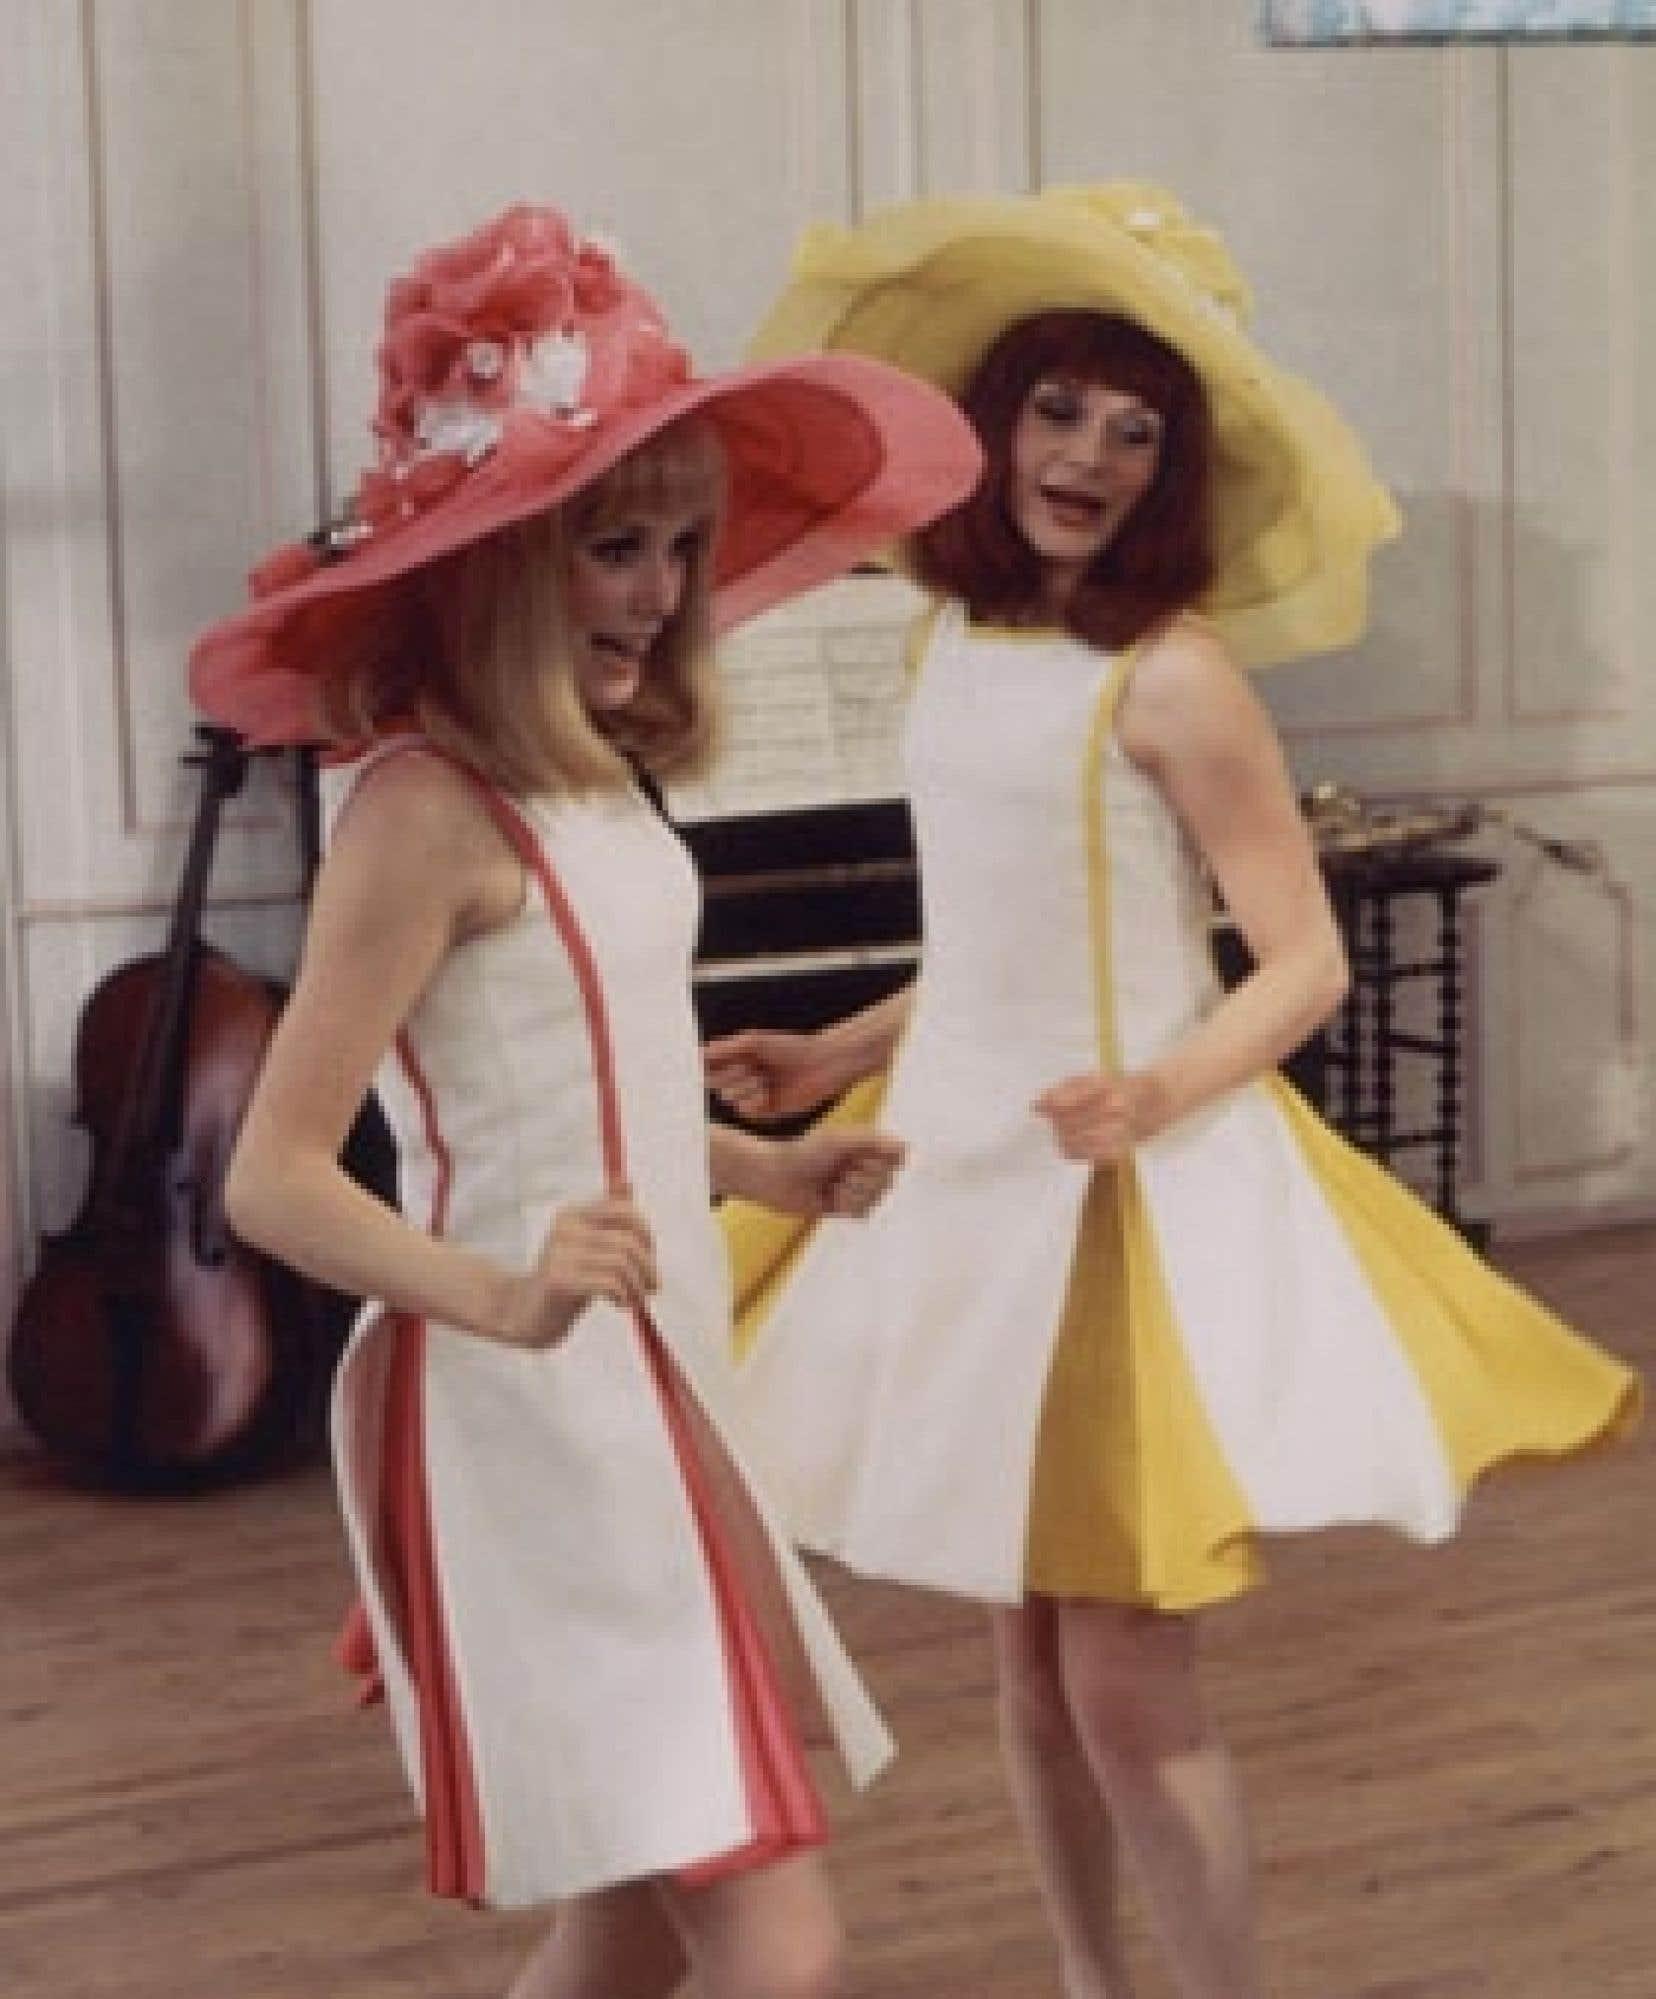 Qualifié par Demy d'«opérette sentimentale», Les Demoiselles de Rochefort (1967) mettait en vedette Catherine Deneuve et sa soeur Françoise Dorléac.